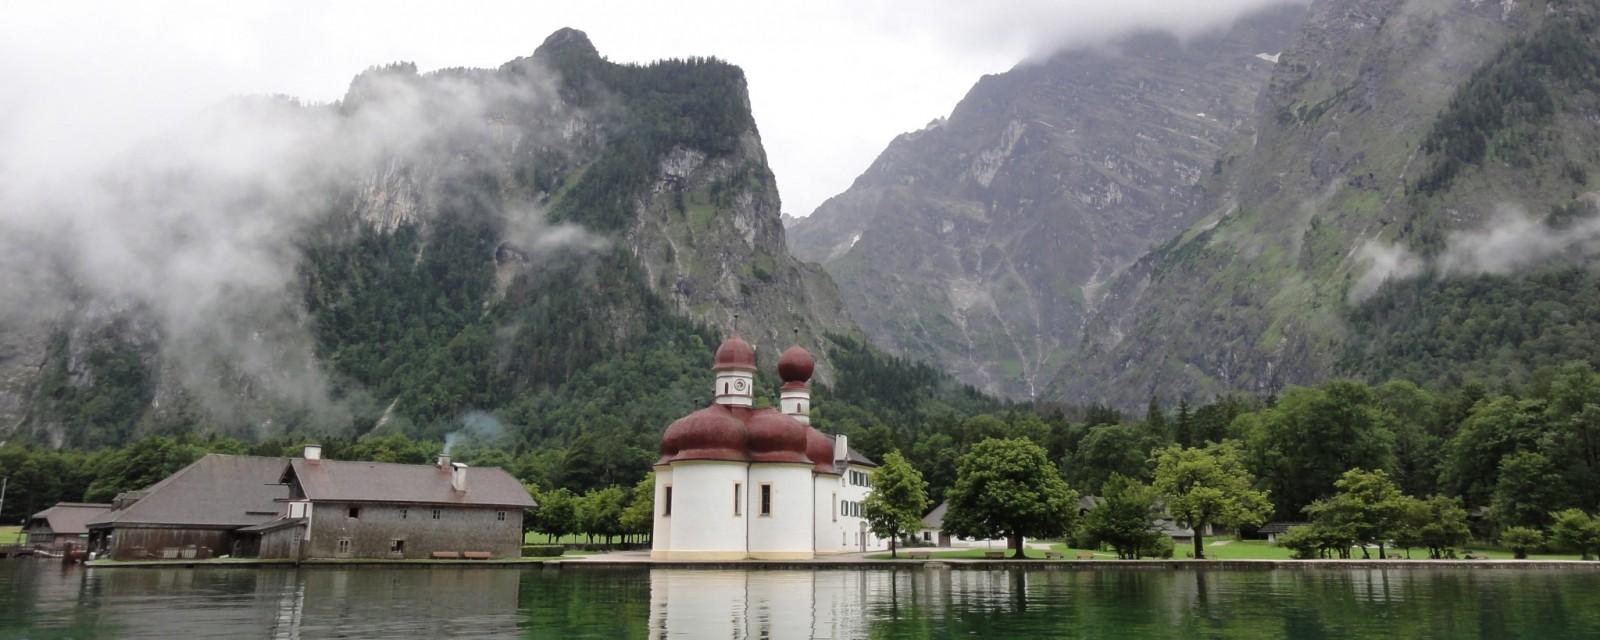 Arnoweg: Die Kirche von St. Bartholomä am Königssee